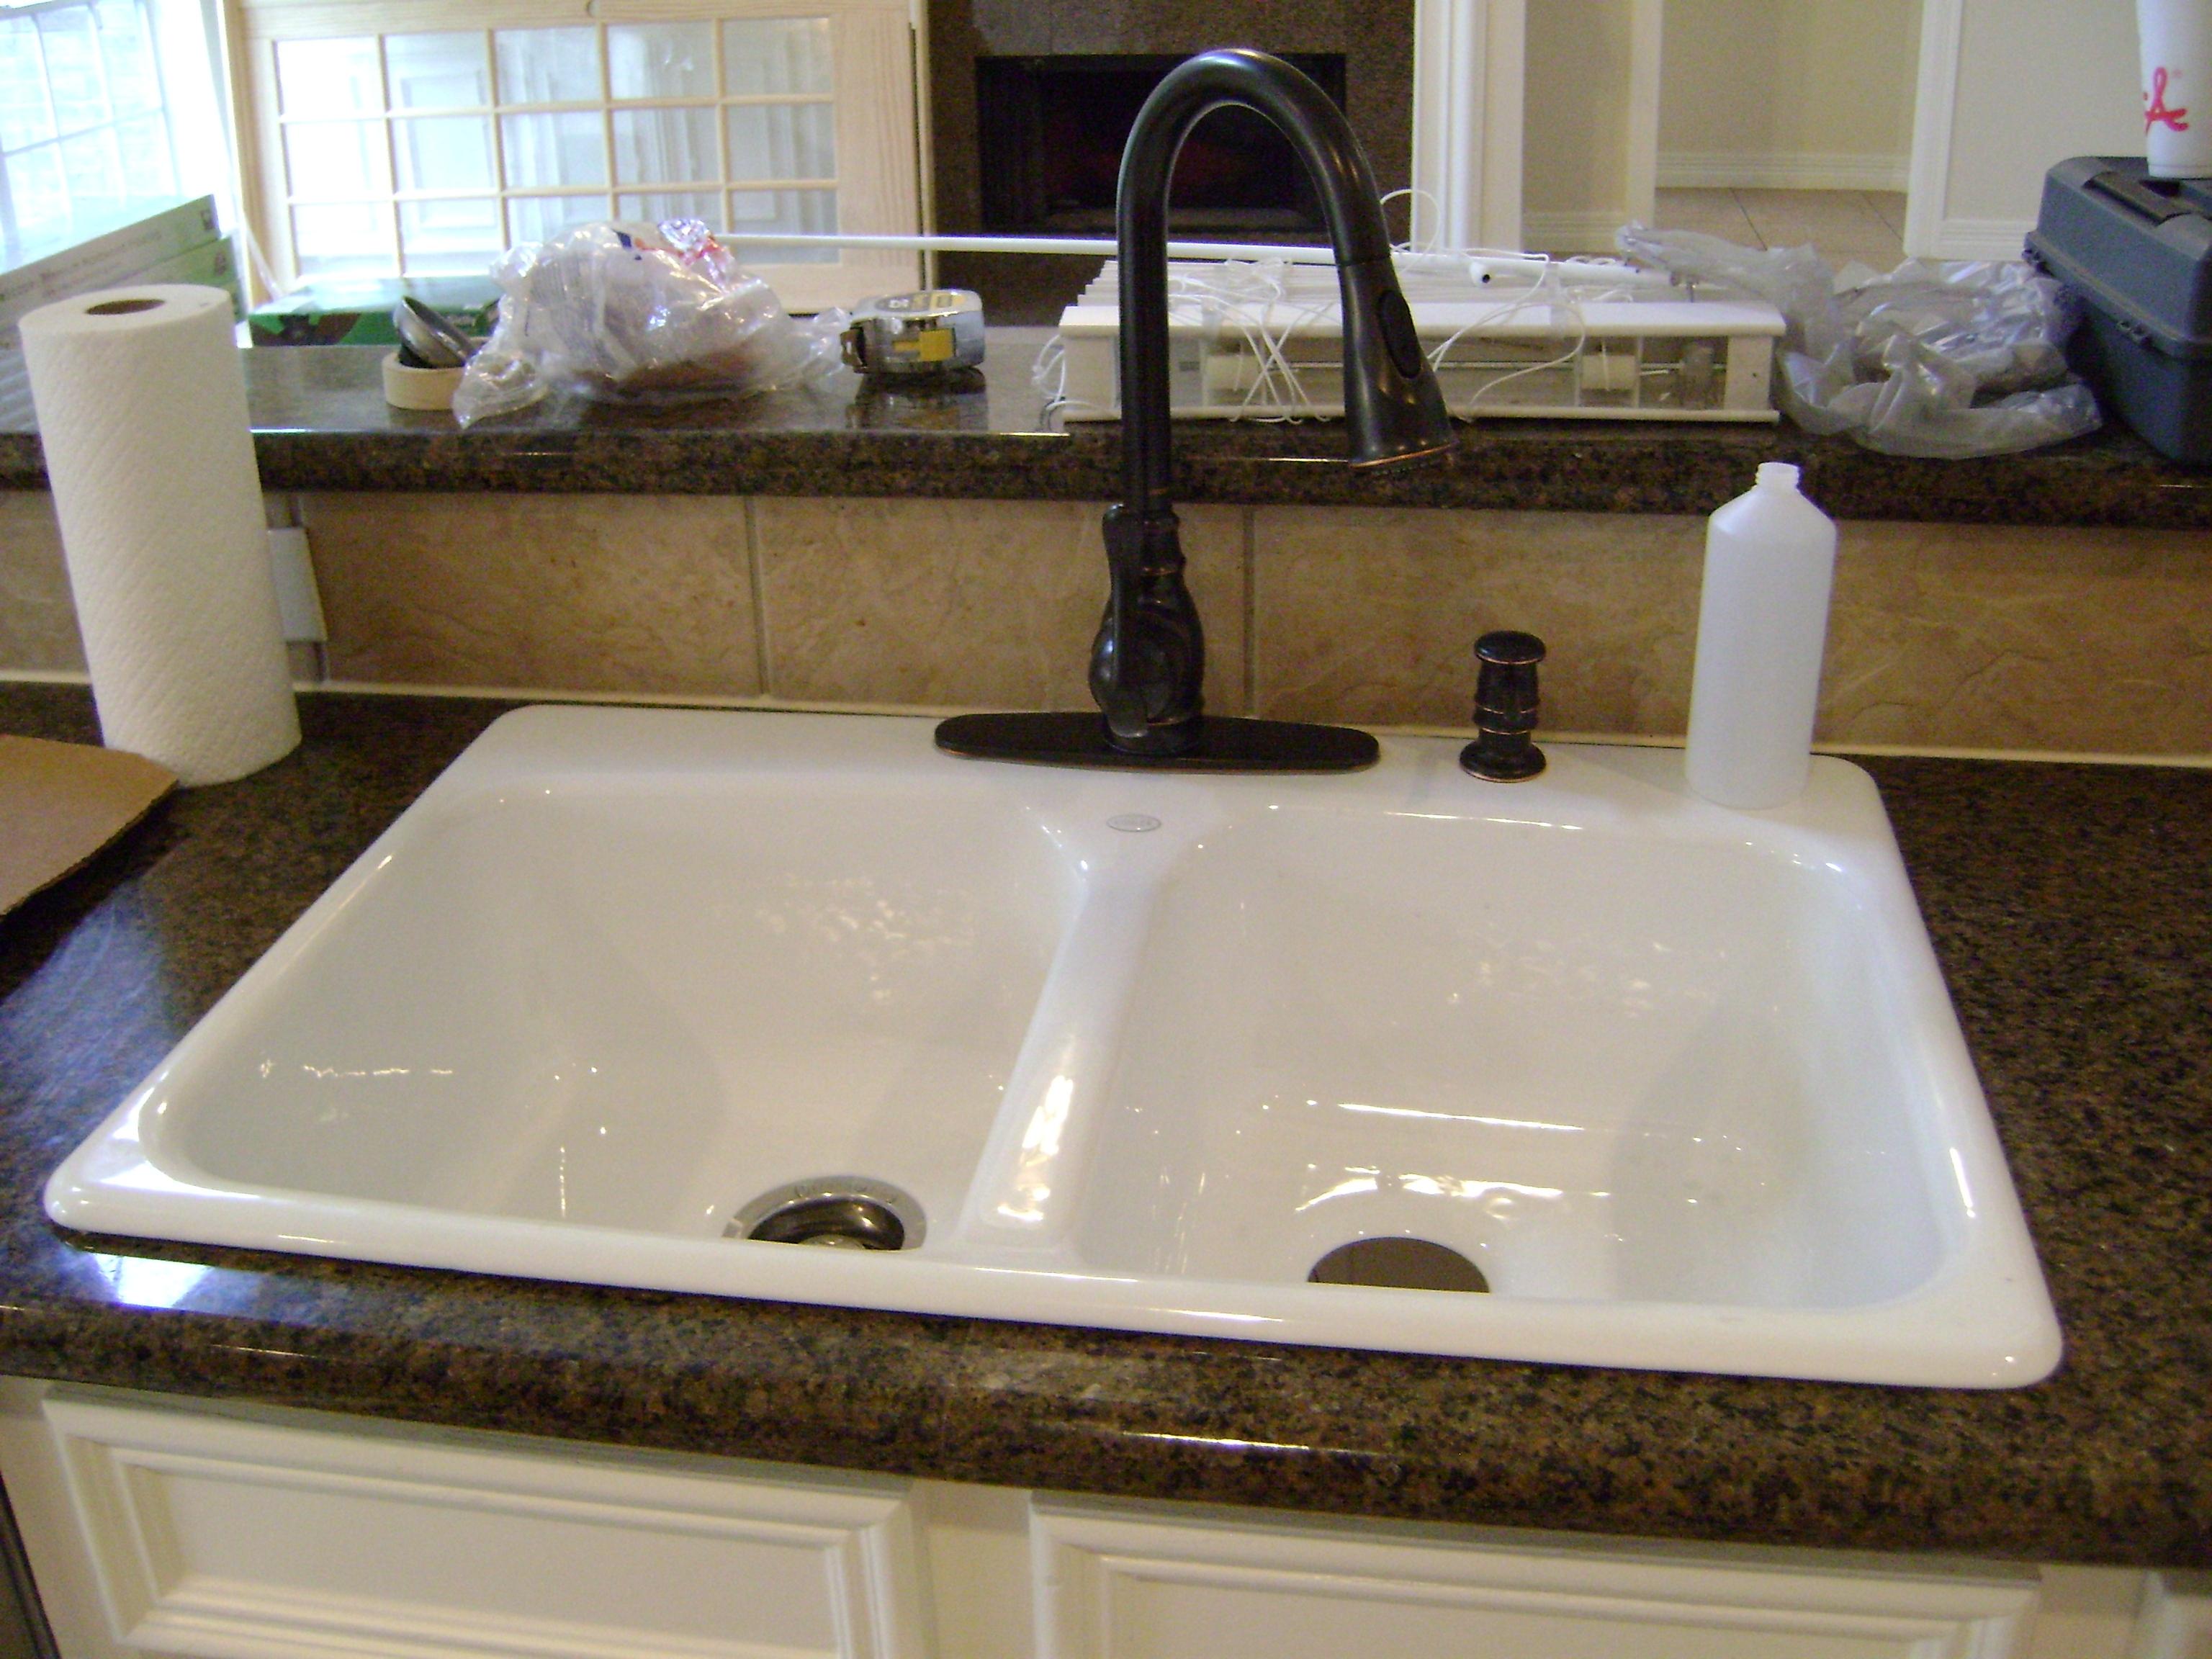 kohler kitchen sink faucets white kohler kitchen sink faucets white 28 white kitchen sink faucet gallery for gt white kitchen 3072 x 2304